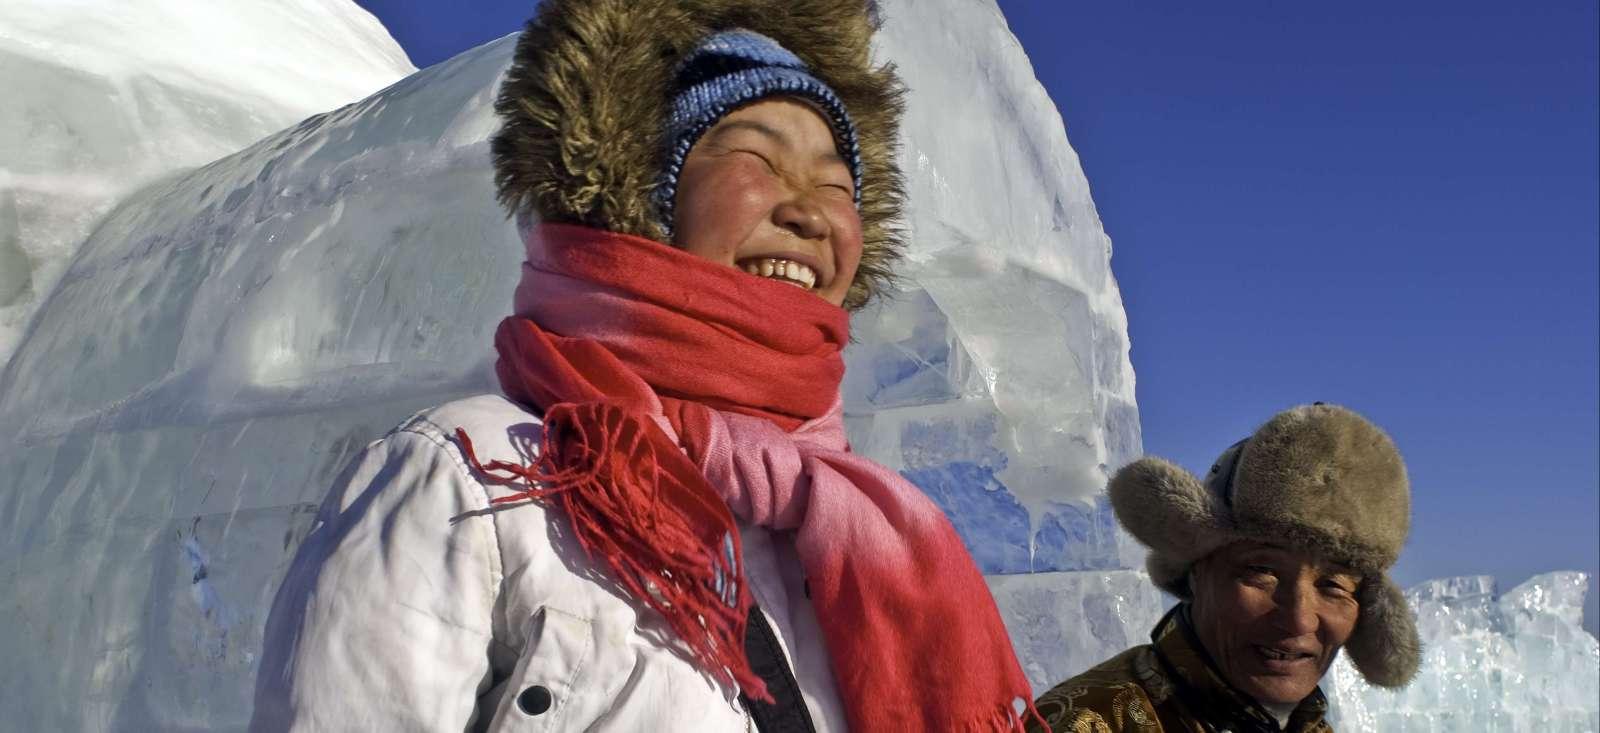 Voyage à pied : Sur les glaces de Gengis